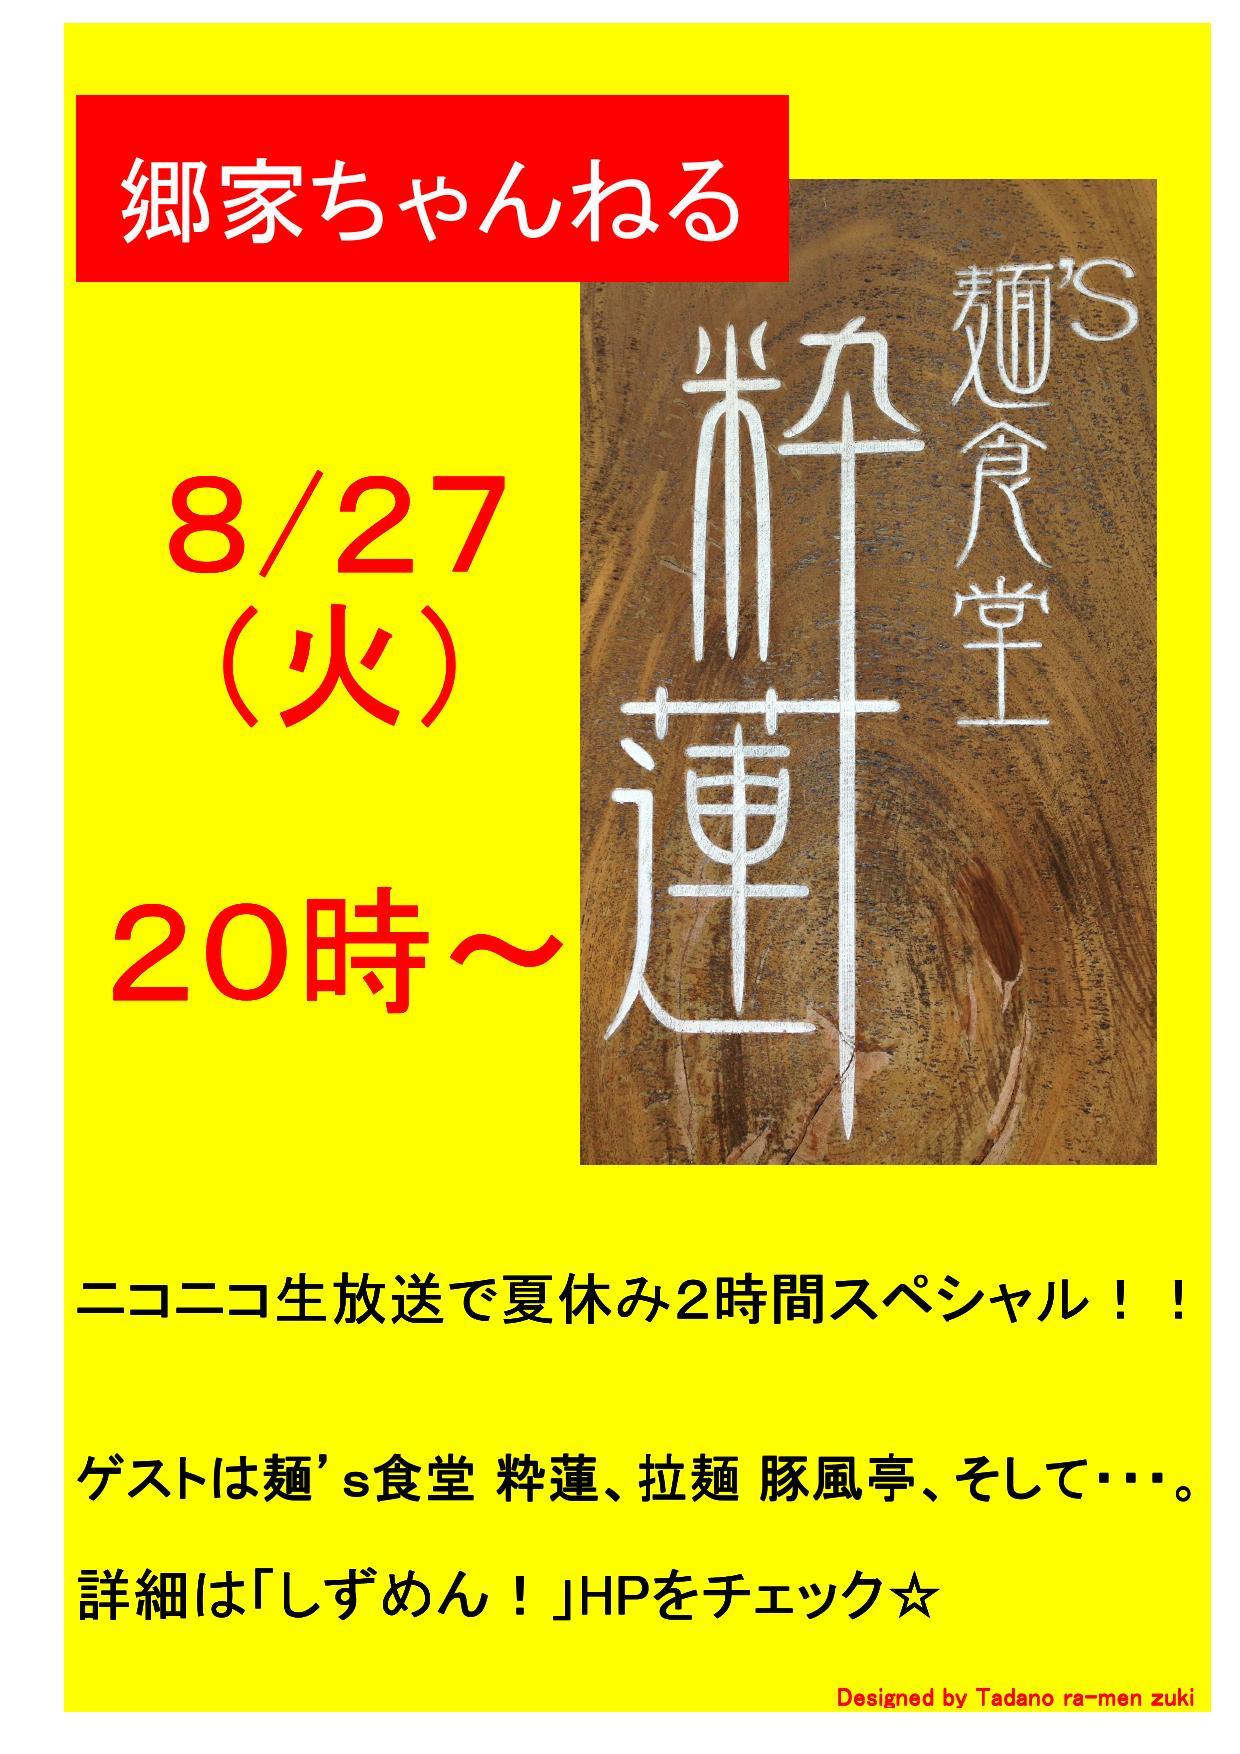 【 郷家ちゃんねる 】 8月のお知らせ